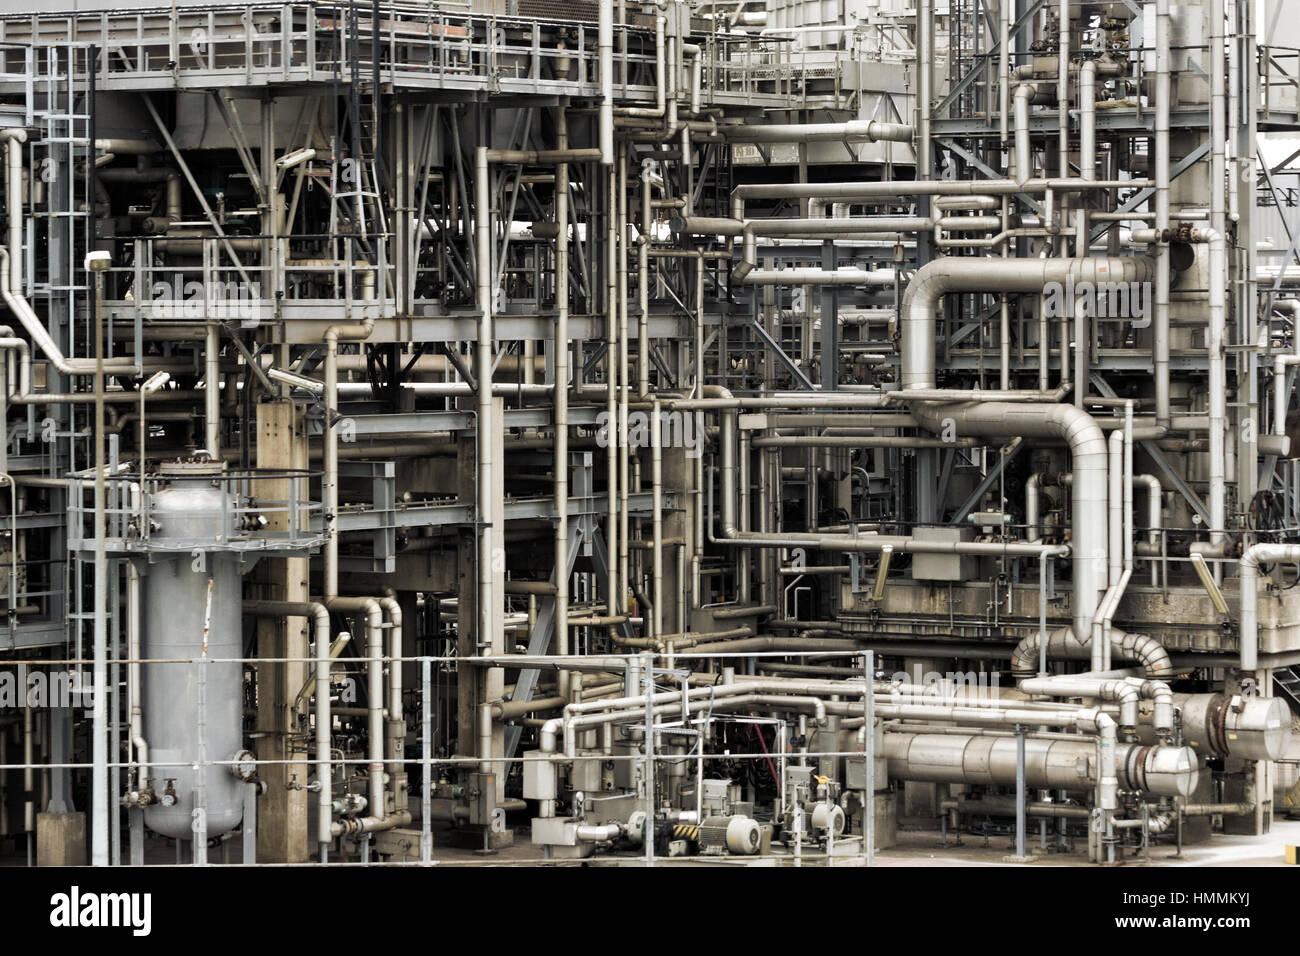 Rohrleitungen Von Einer Industrieanlage Für Öl Und Gas